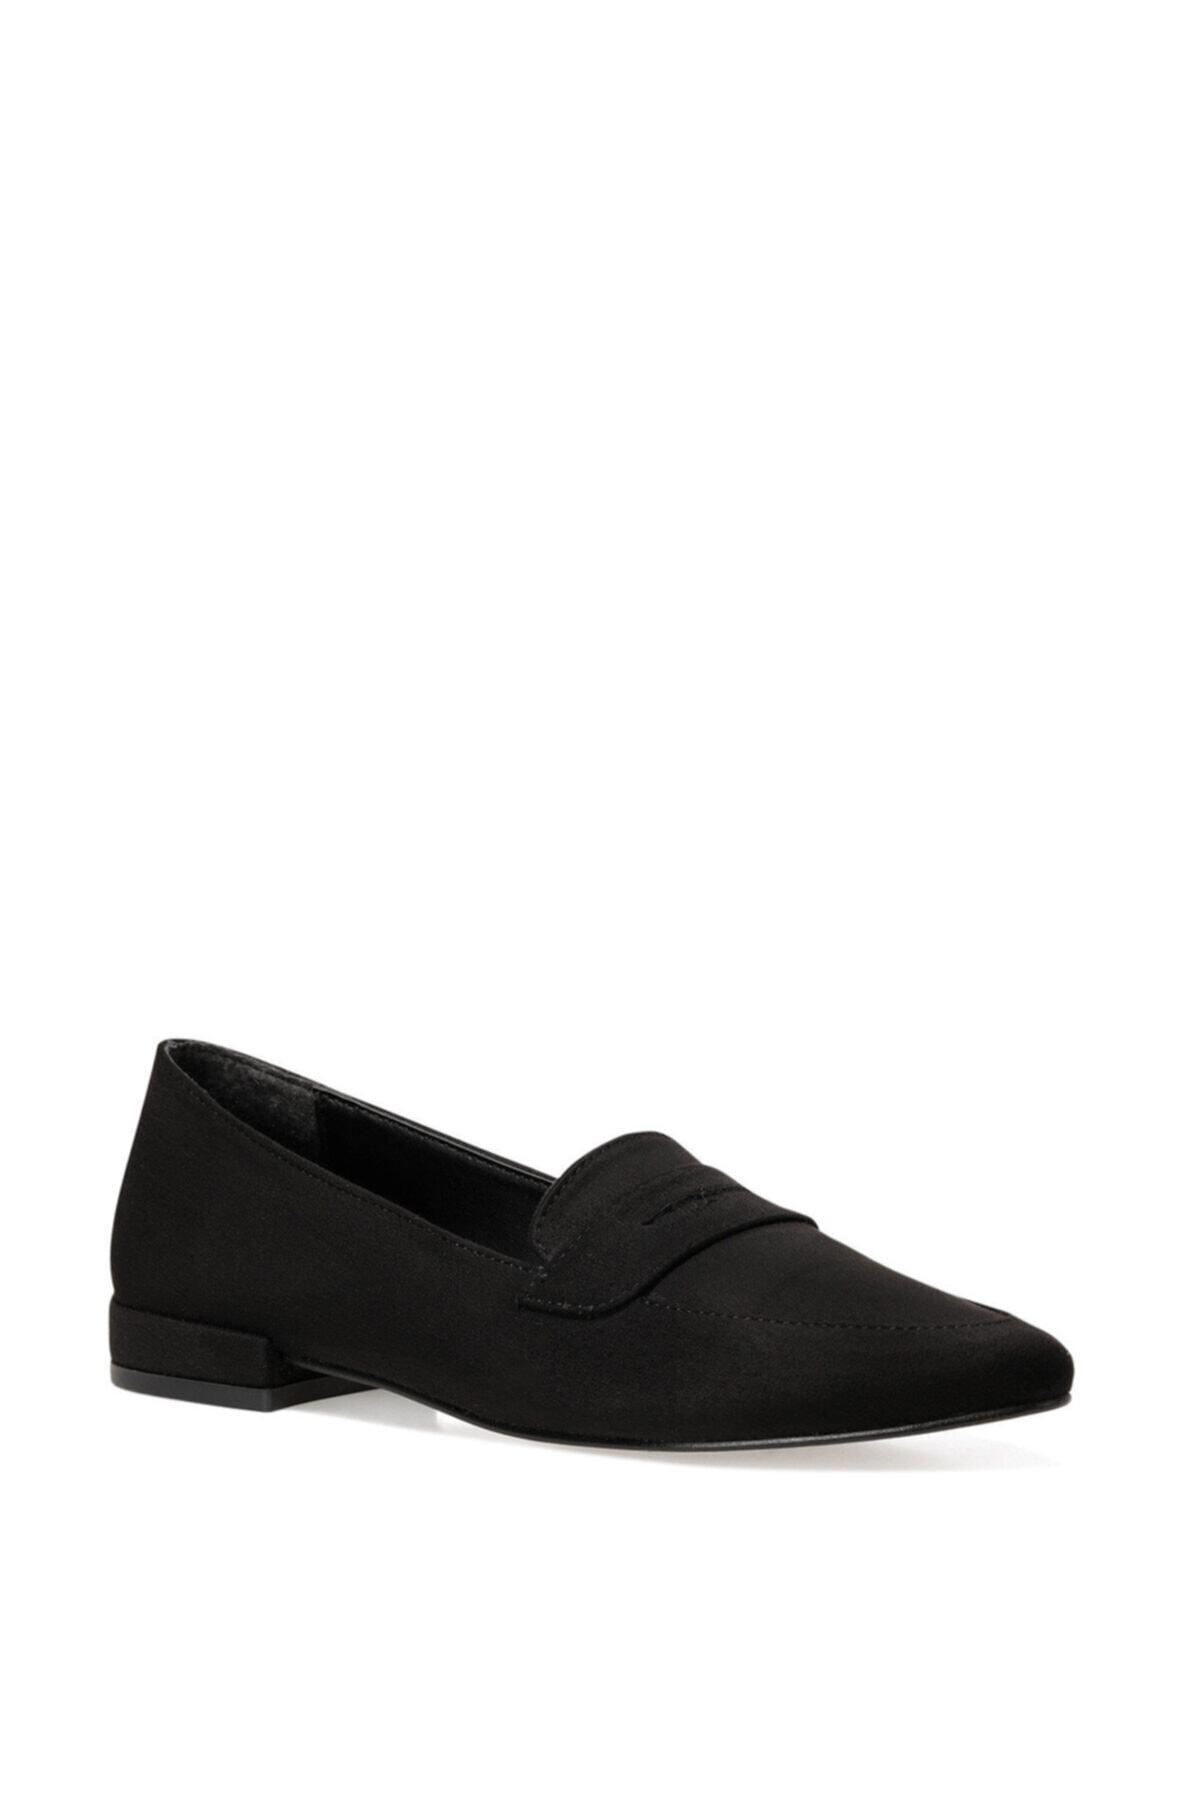 İnci NELA2 Siyah Kadın Loafer Ayakkabı 101025957 2